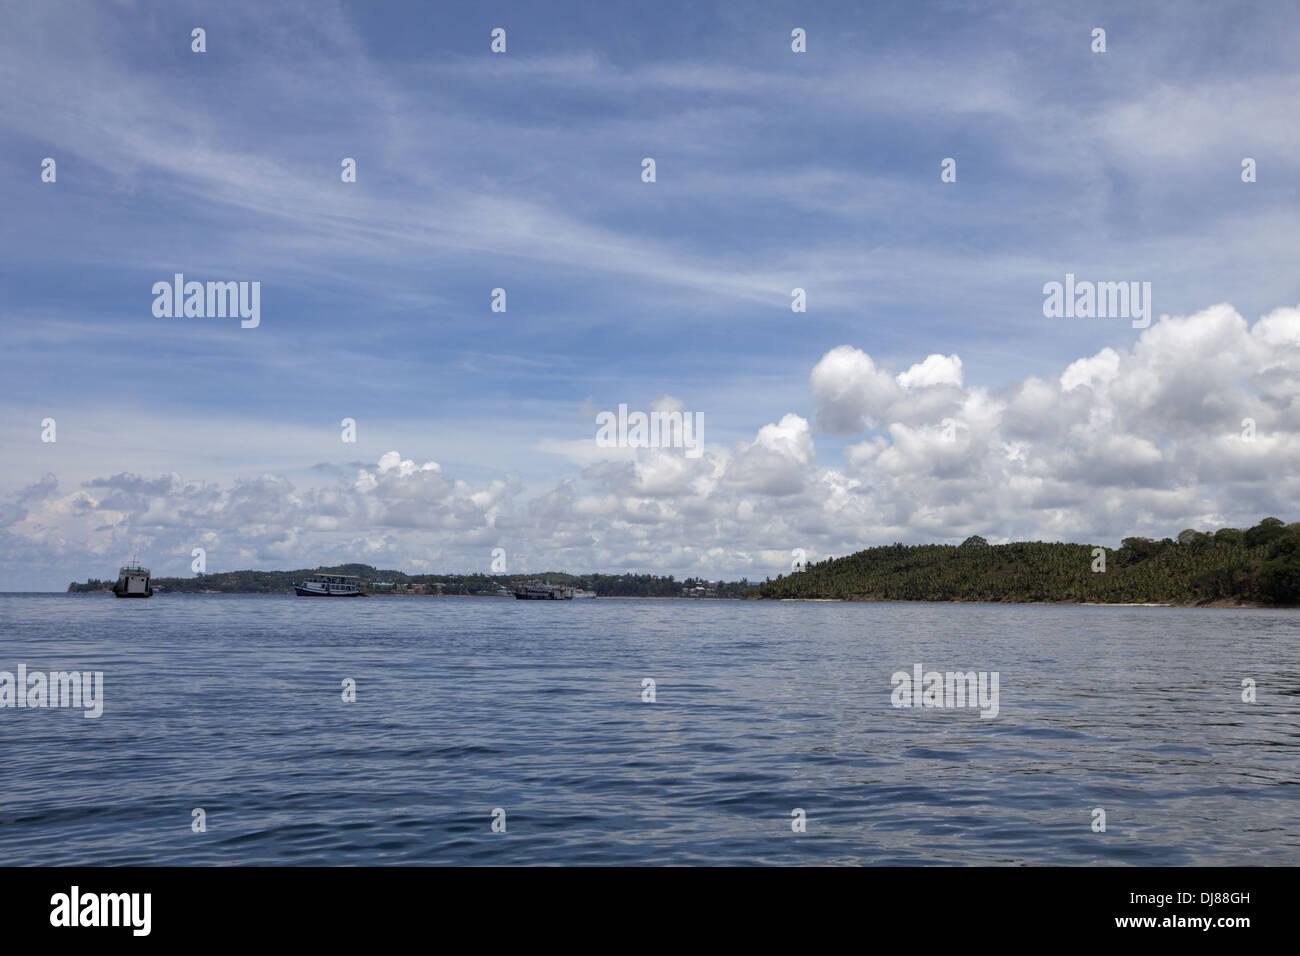 Mare delle Andamane, Boa Jolly beach, isole Andaman, India Immagini Stock